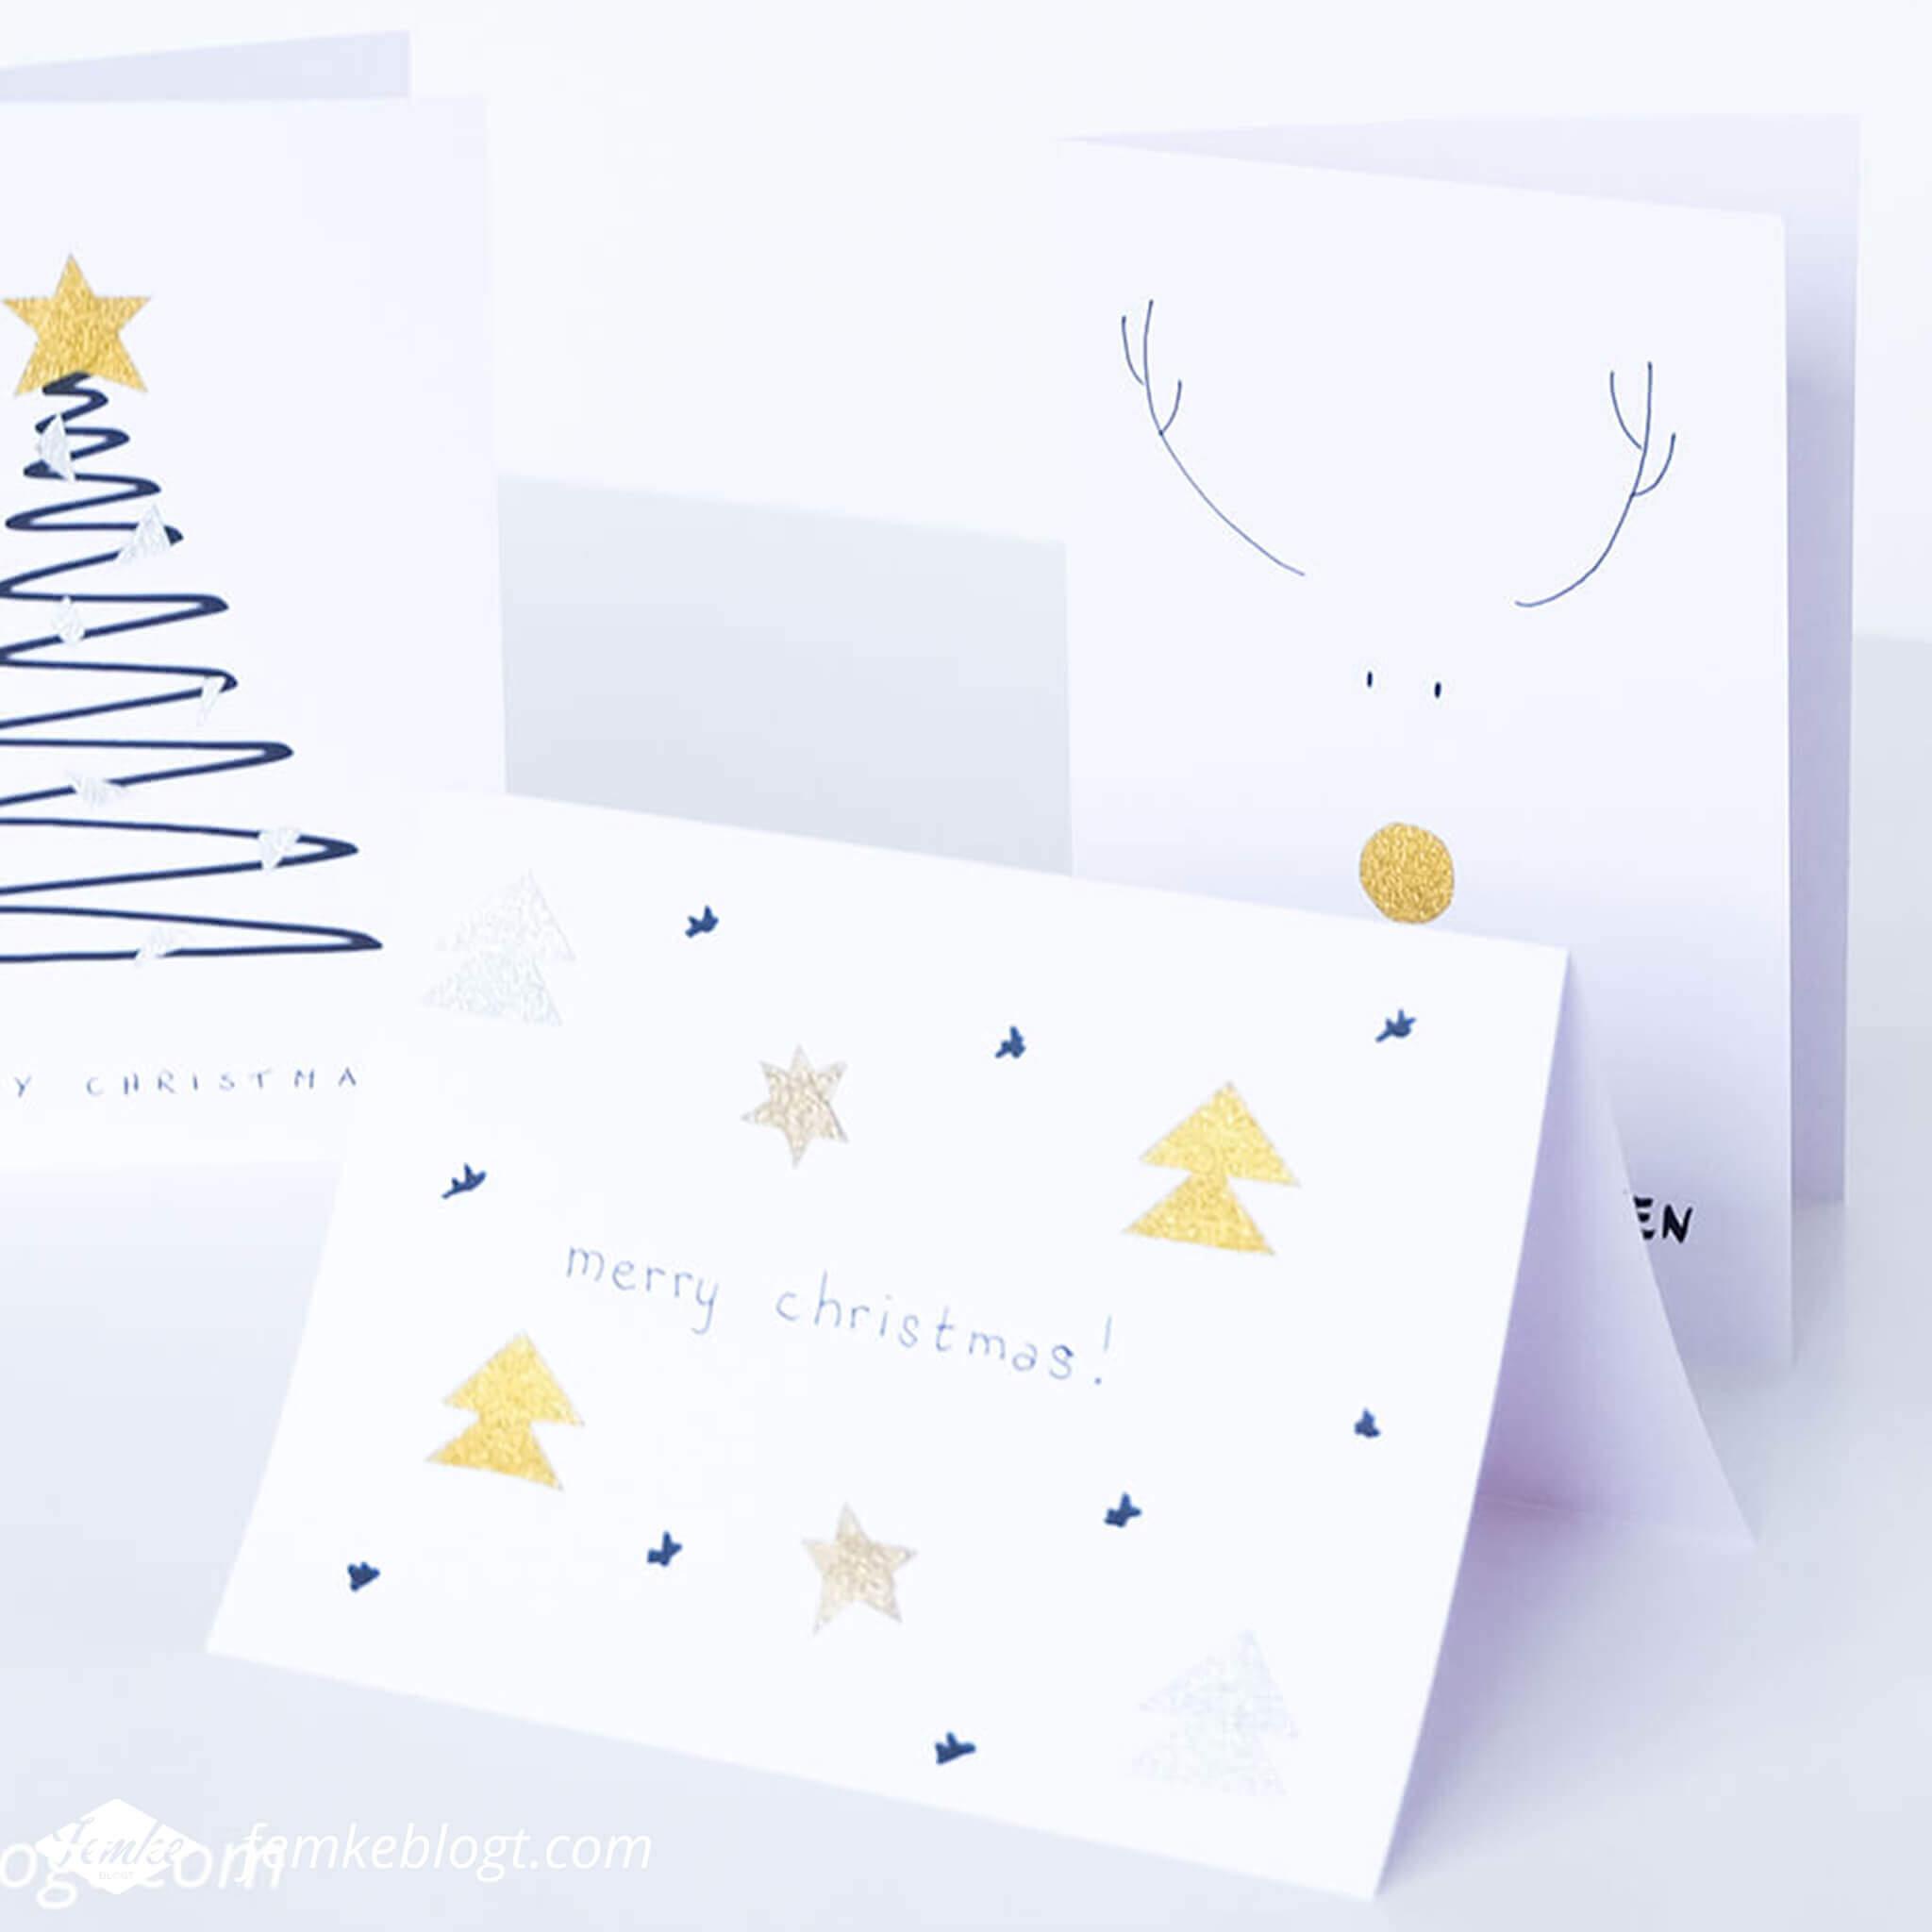 Maandoverzicht december | Kerstkaarten maken met glitter washi tape